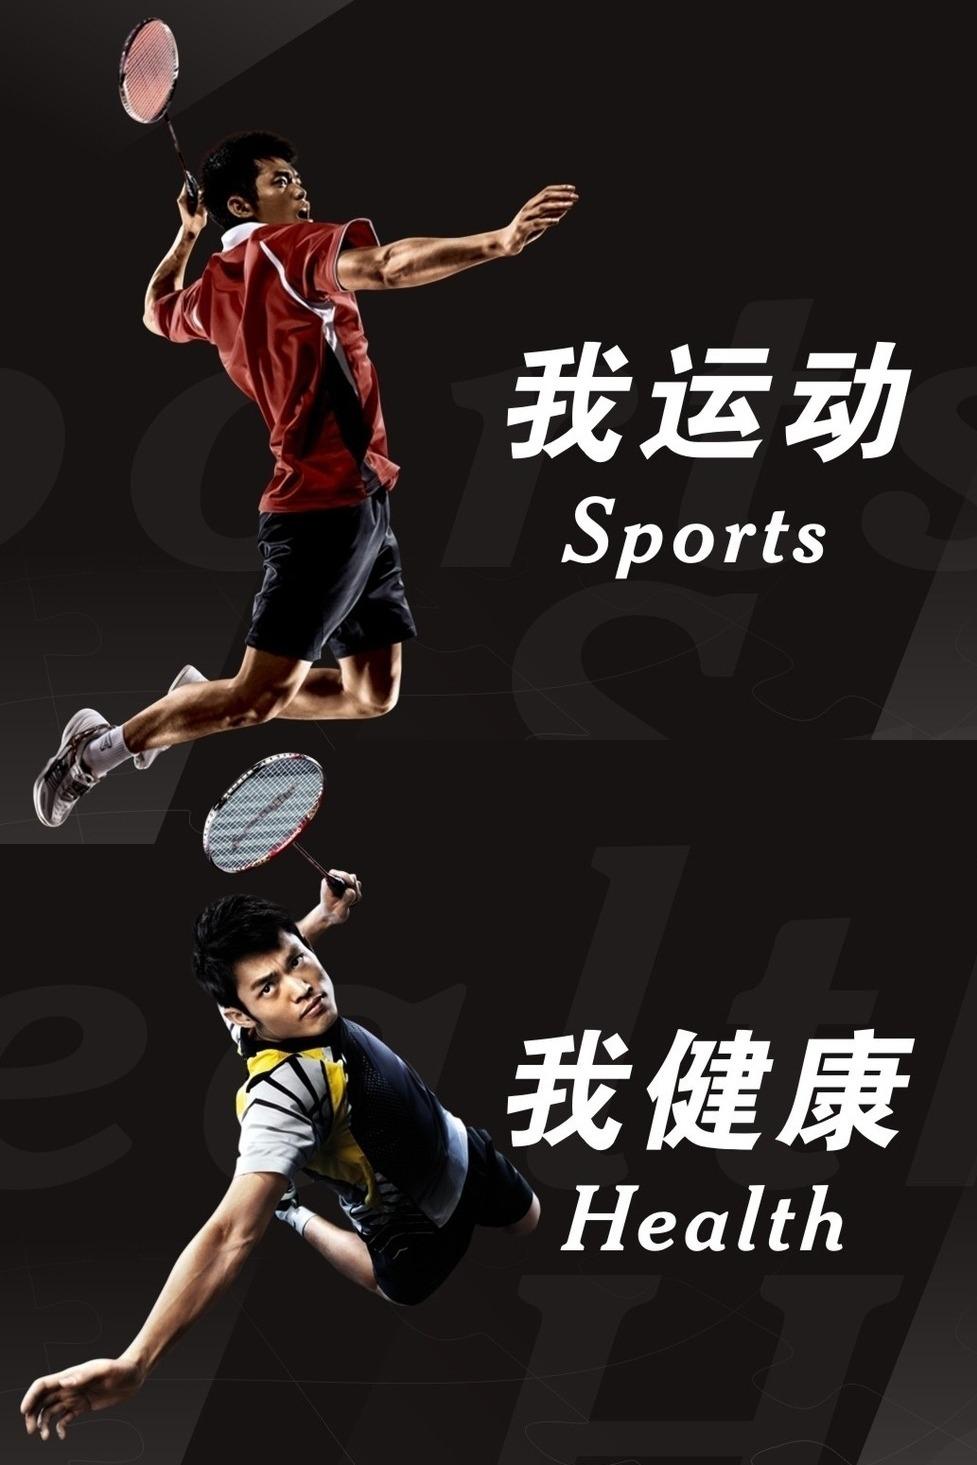 10月22日龙华羽毛球交友活动征集中